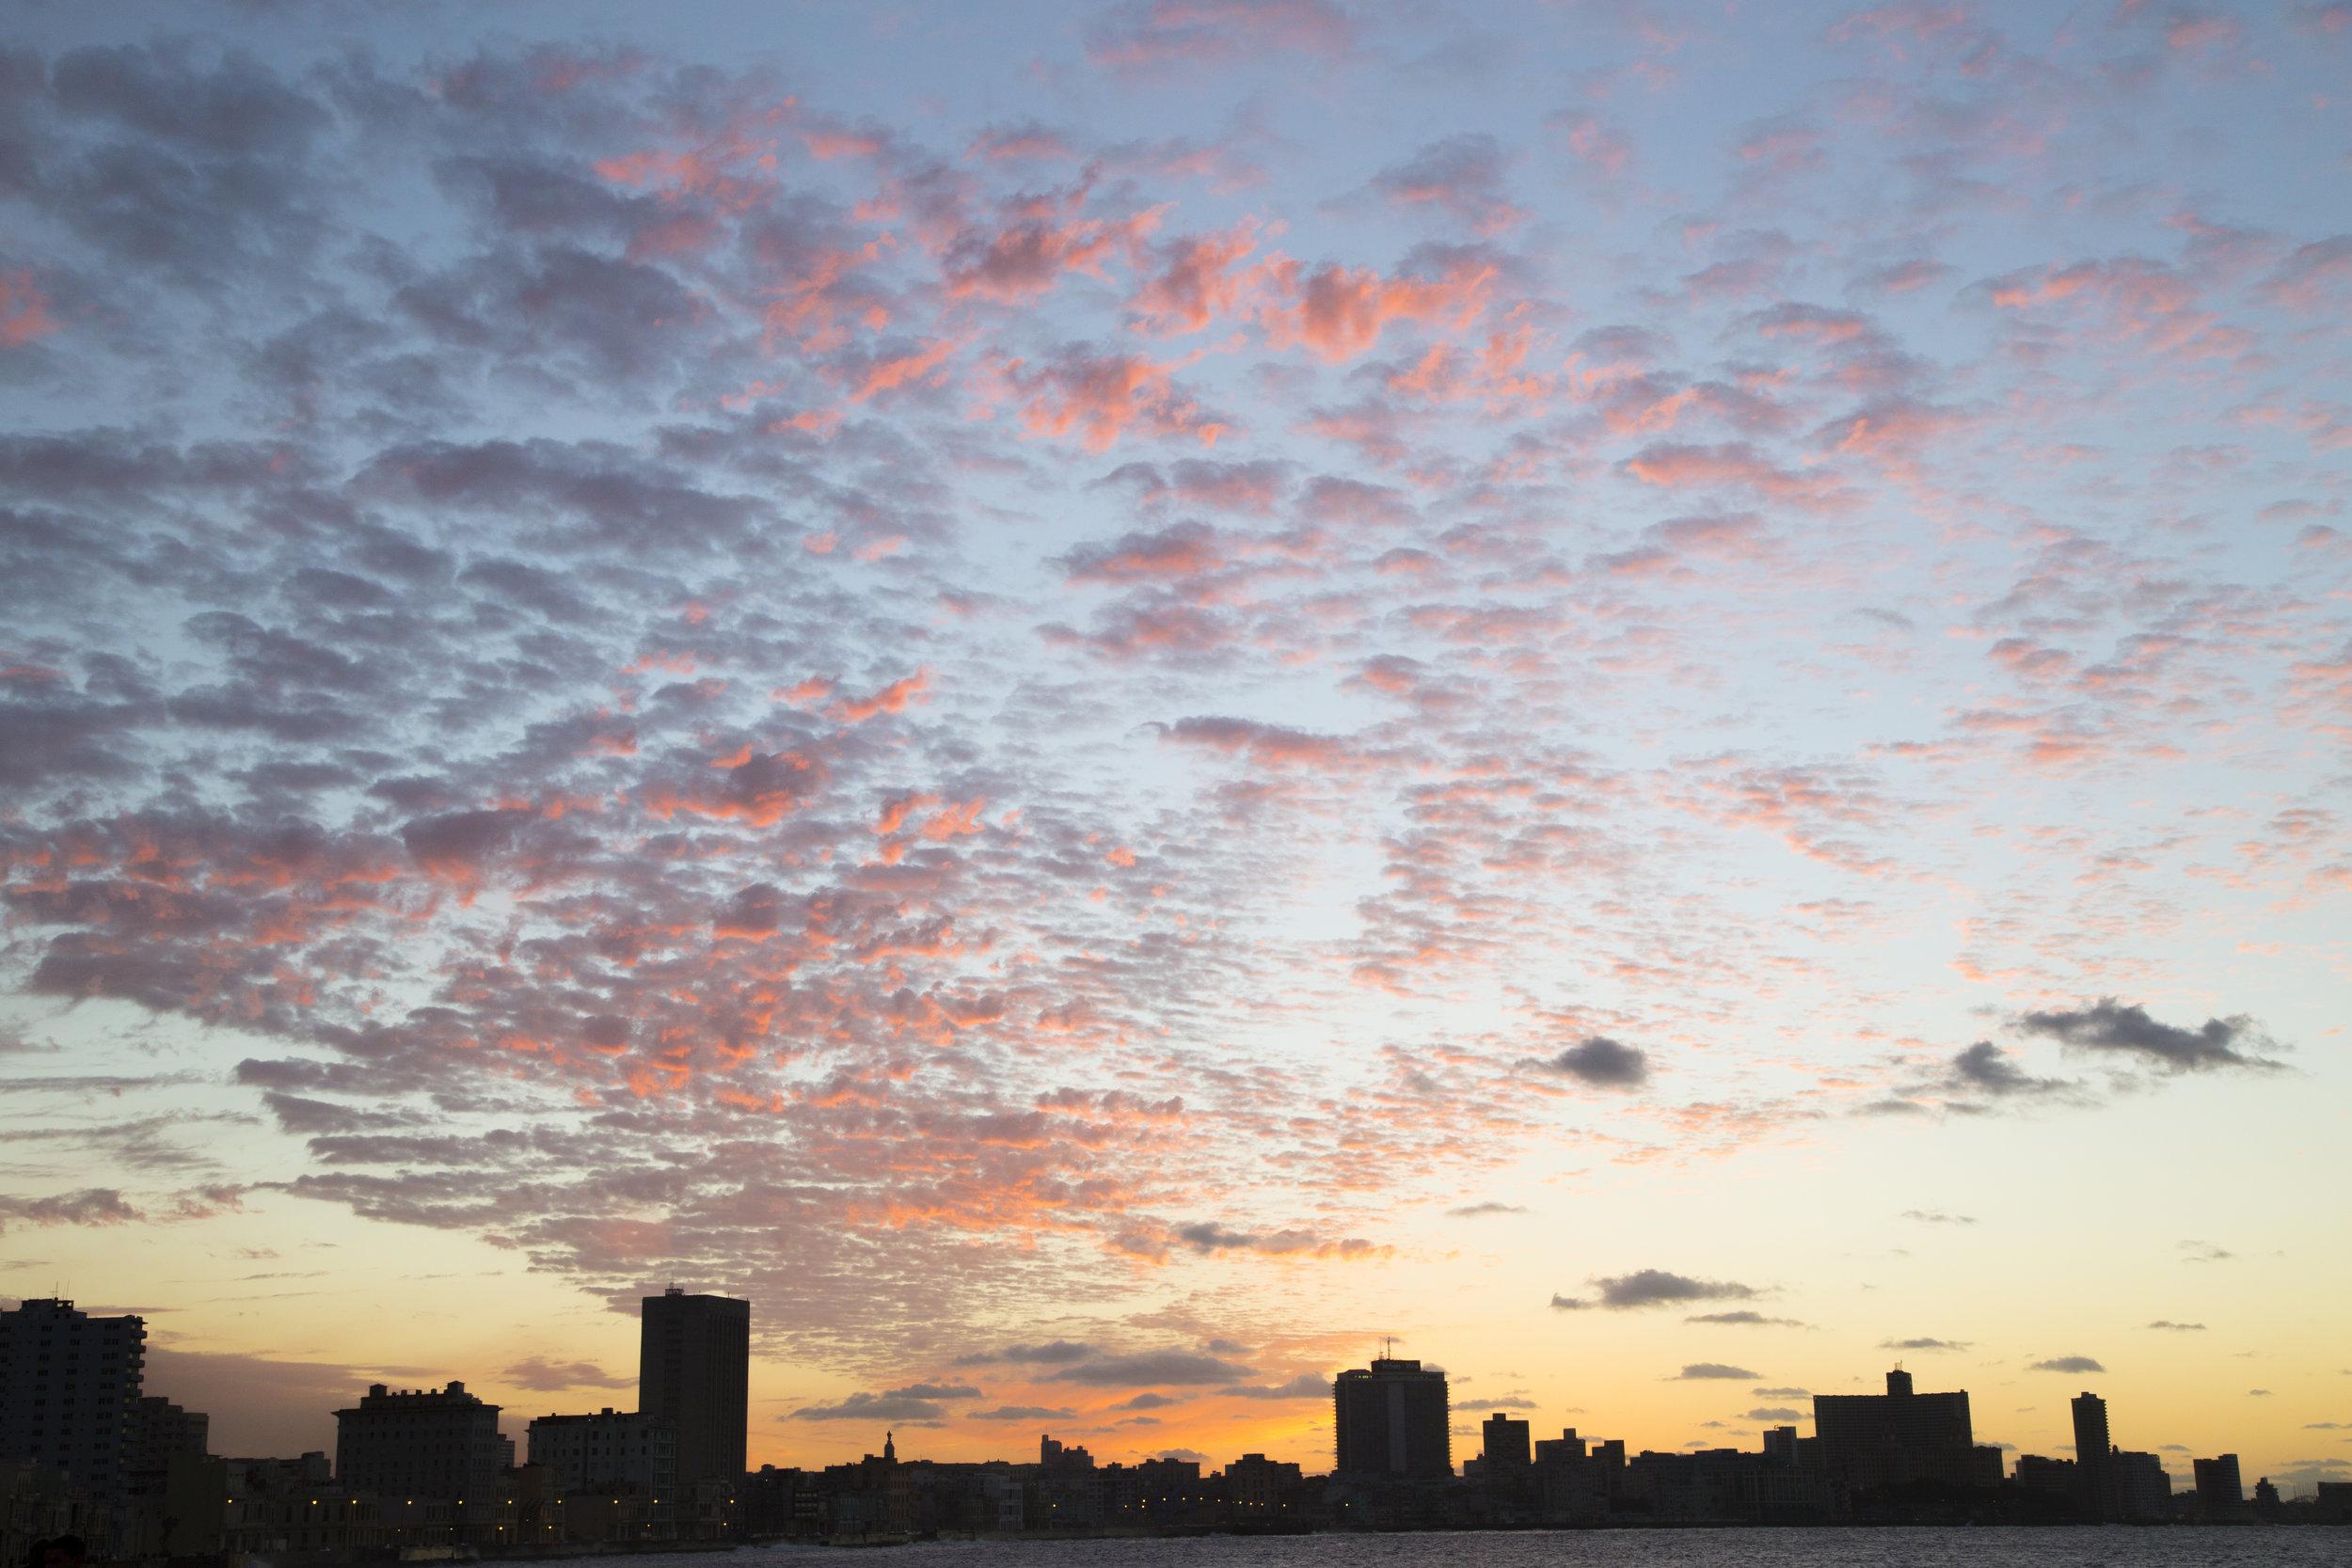 sunset over Havana, Cuba